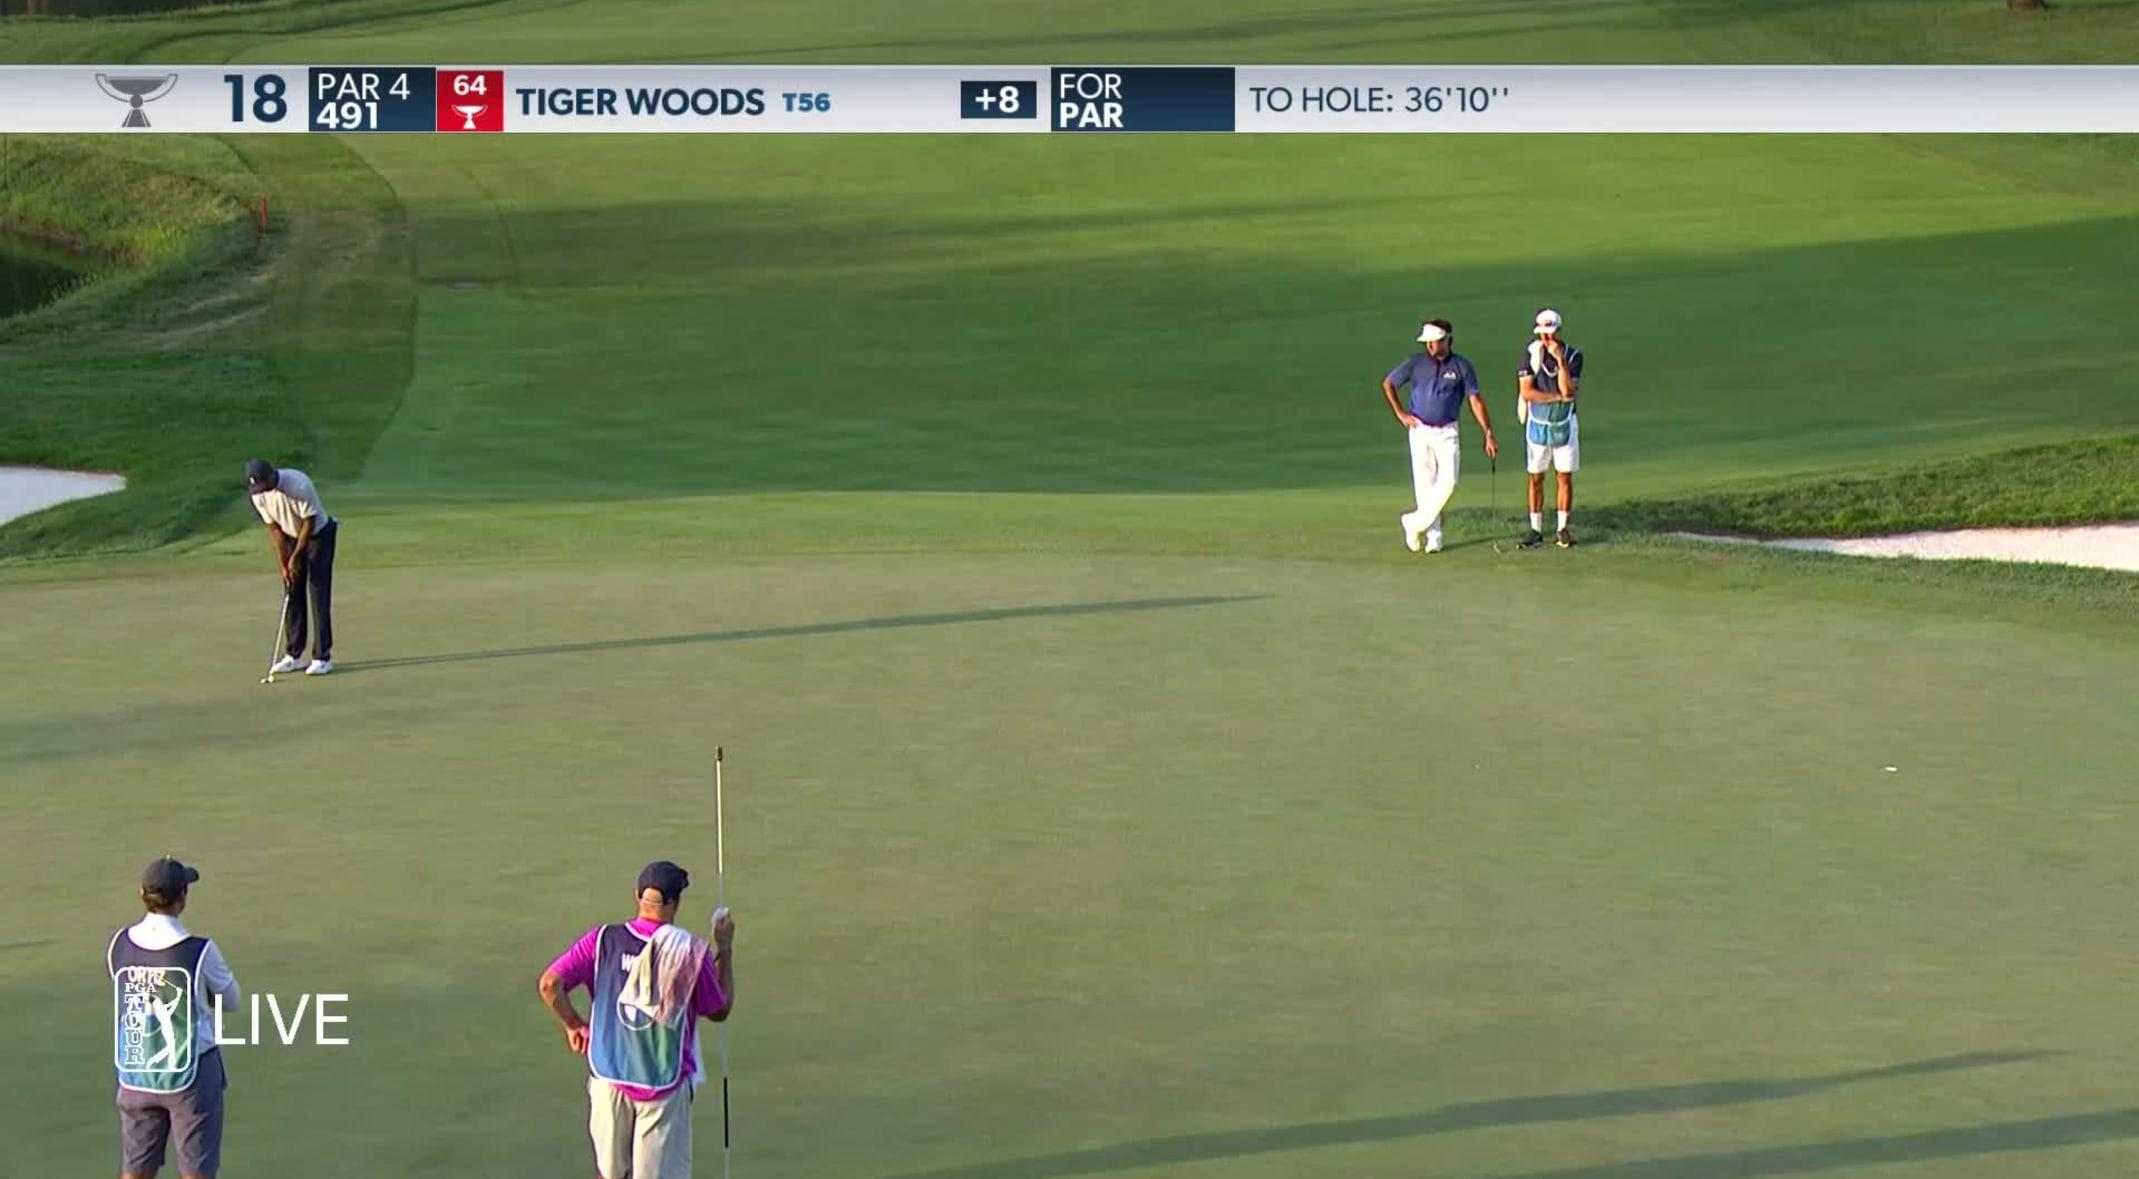 Tiger Woods Round 2 Recap At 2020 Bmw Championship Pga Tour